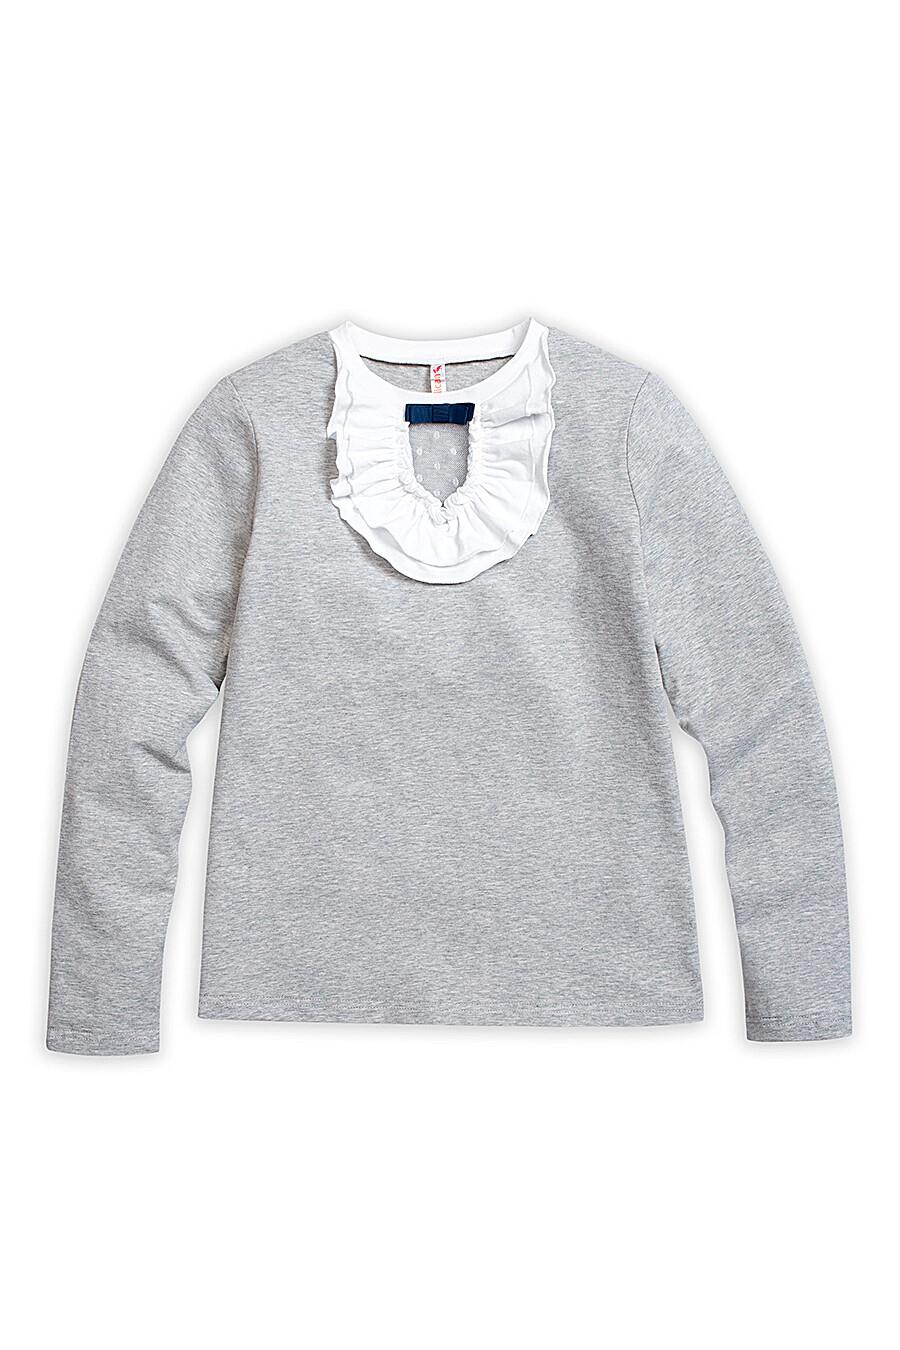 Блузка для девочек PELICAN 218520 купить оптом от производителя. Совместная покупка детской одежды в OptMoyo